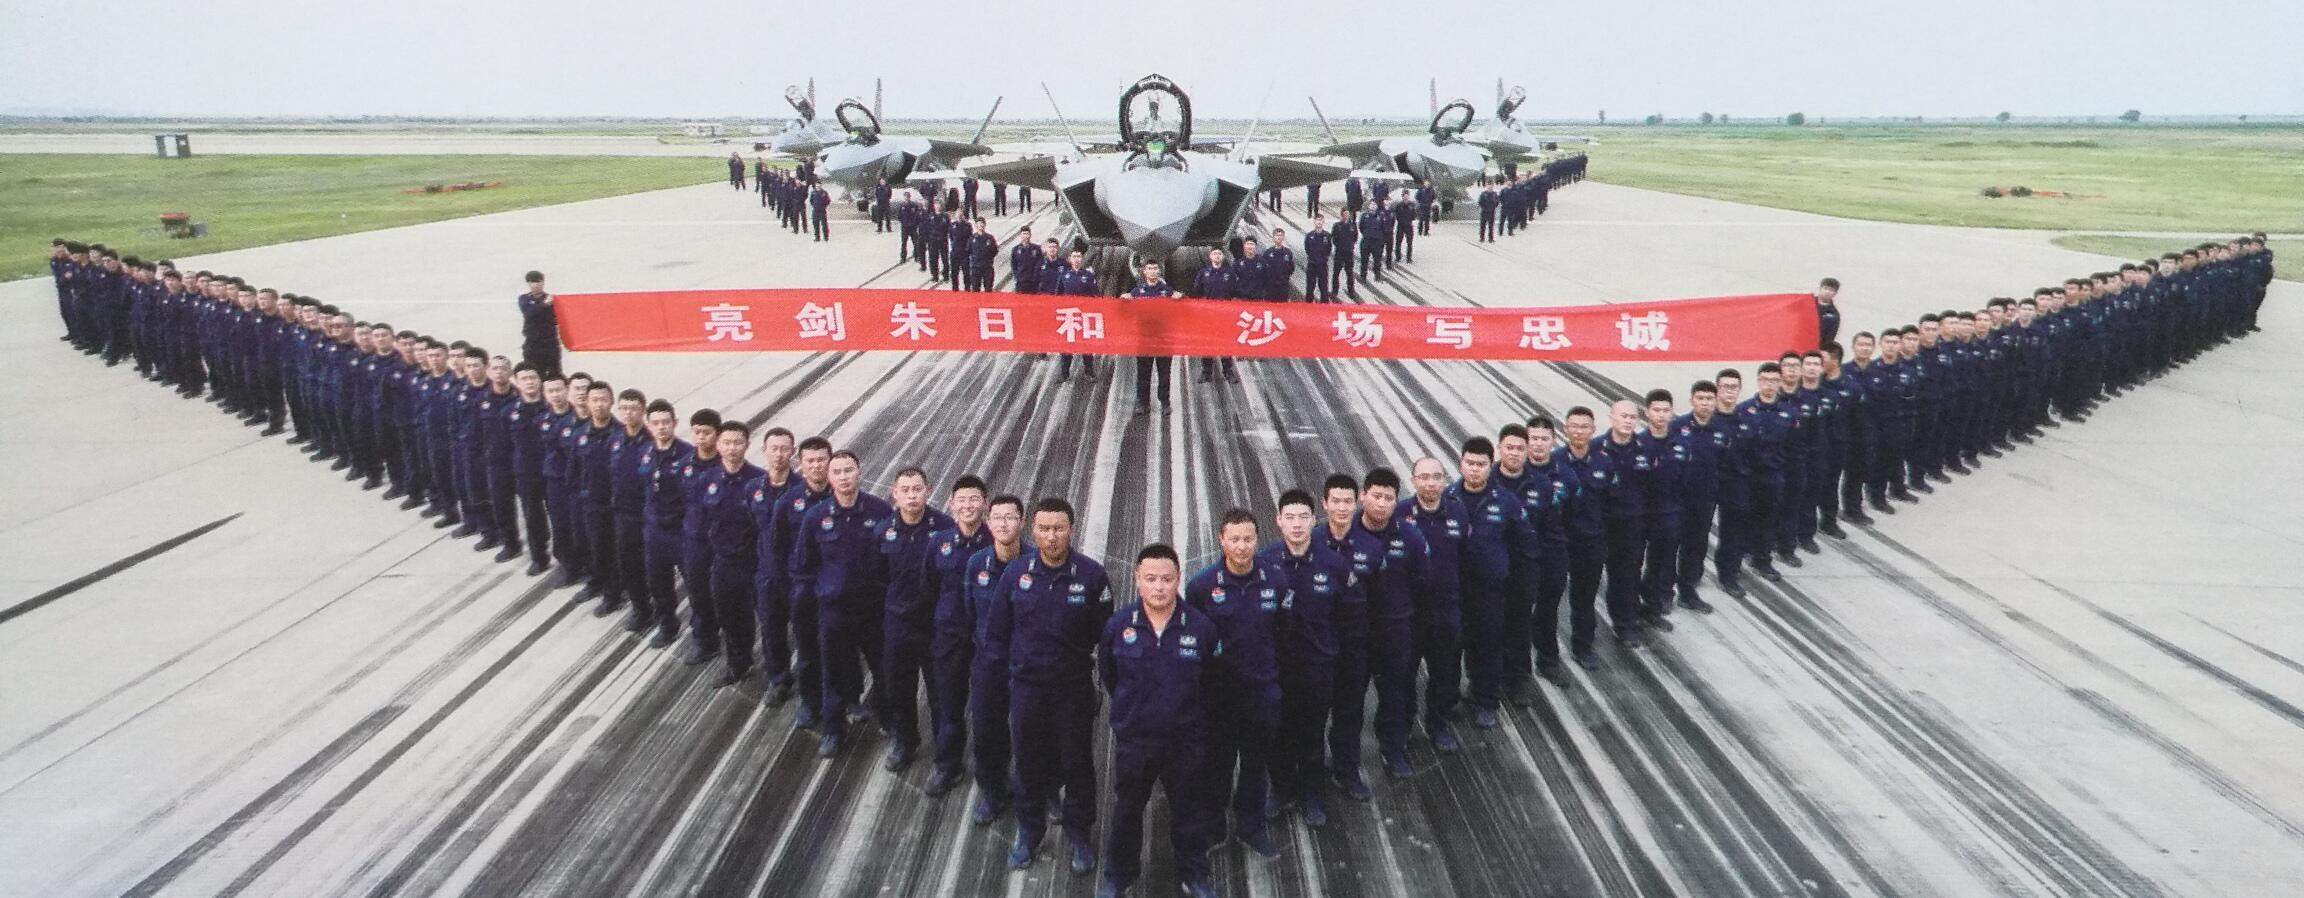 巴基斯坦学者:中国会对世界秩序产生什么影响?